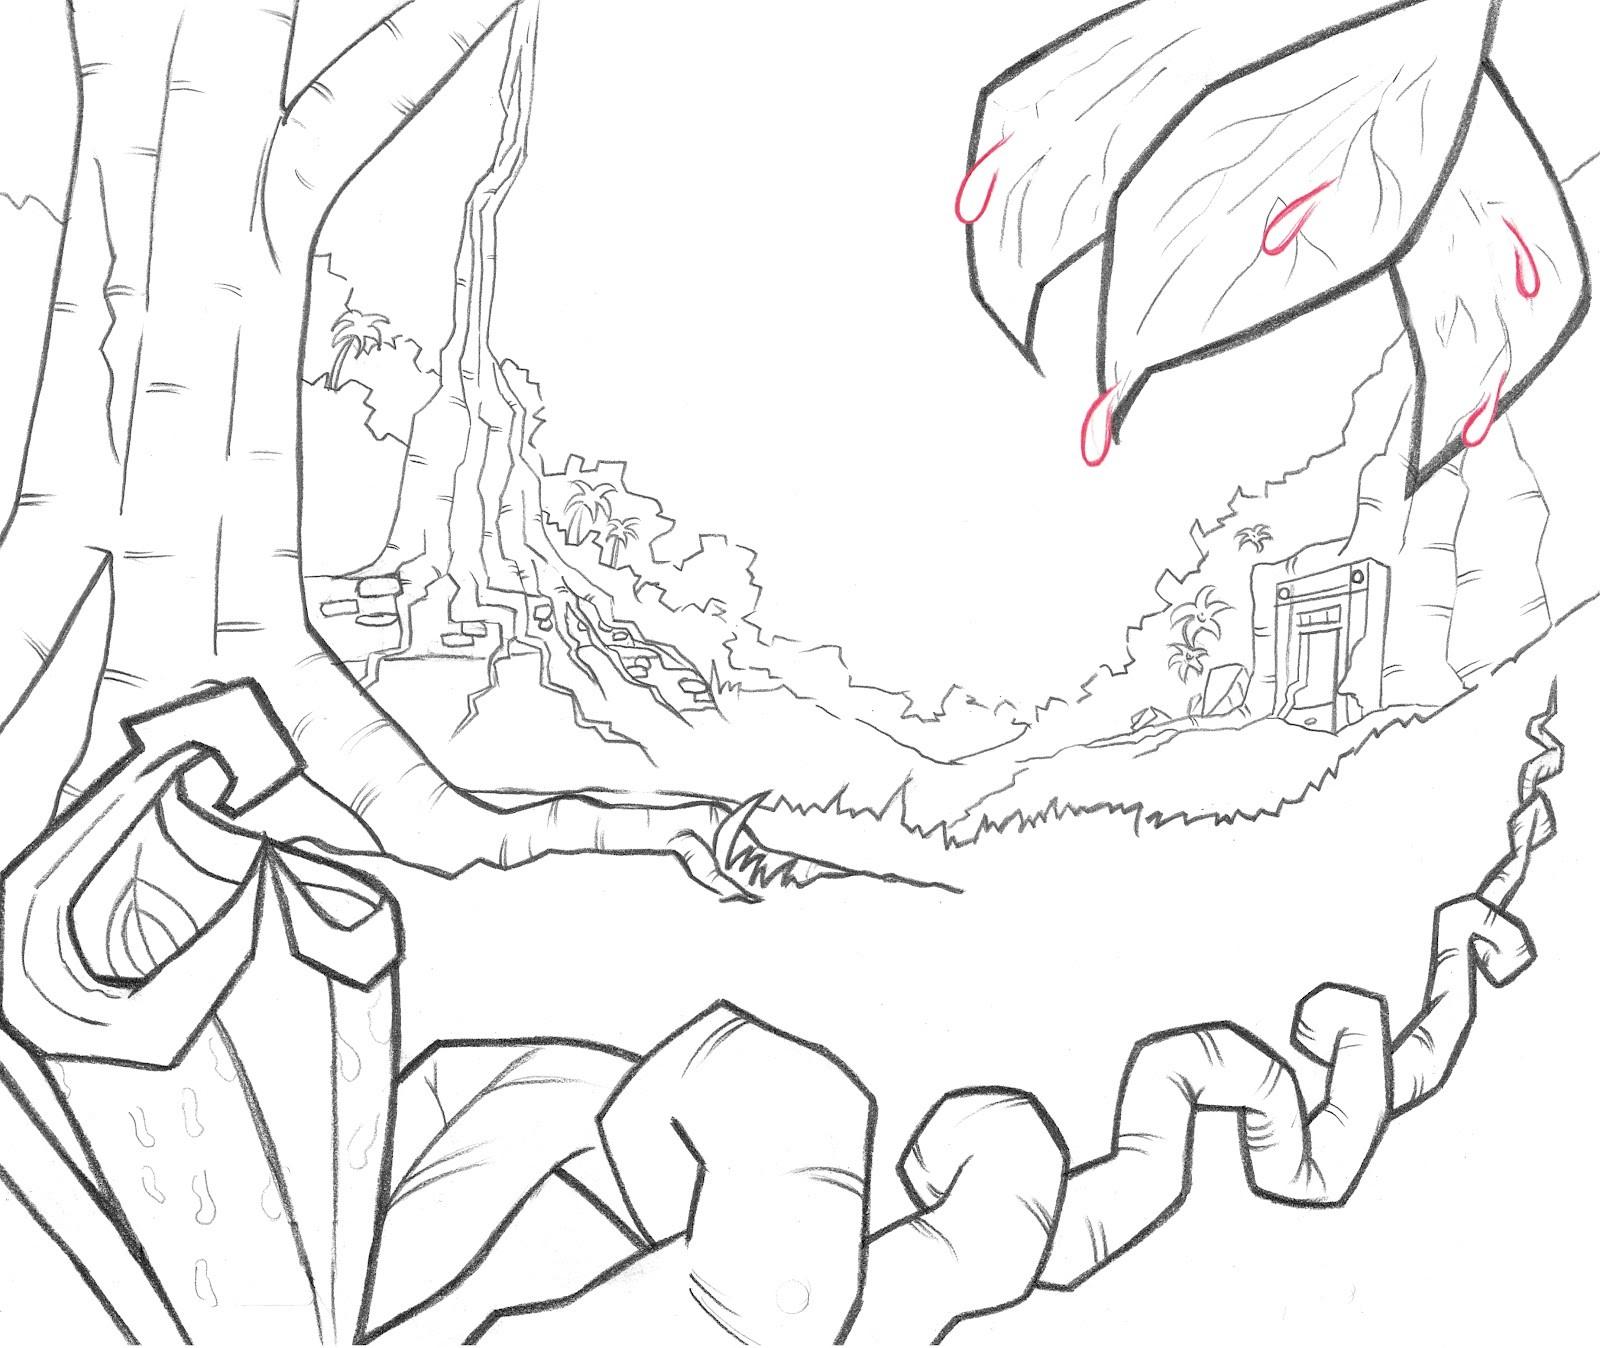 Demo Reel Jungle Outlines